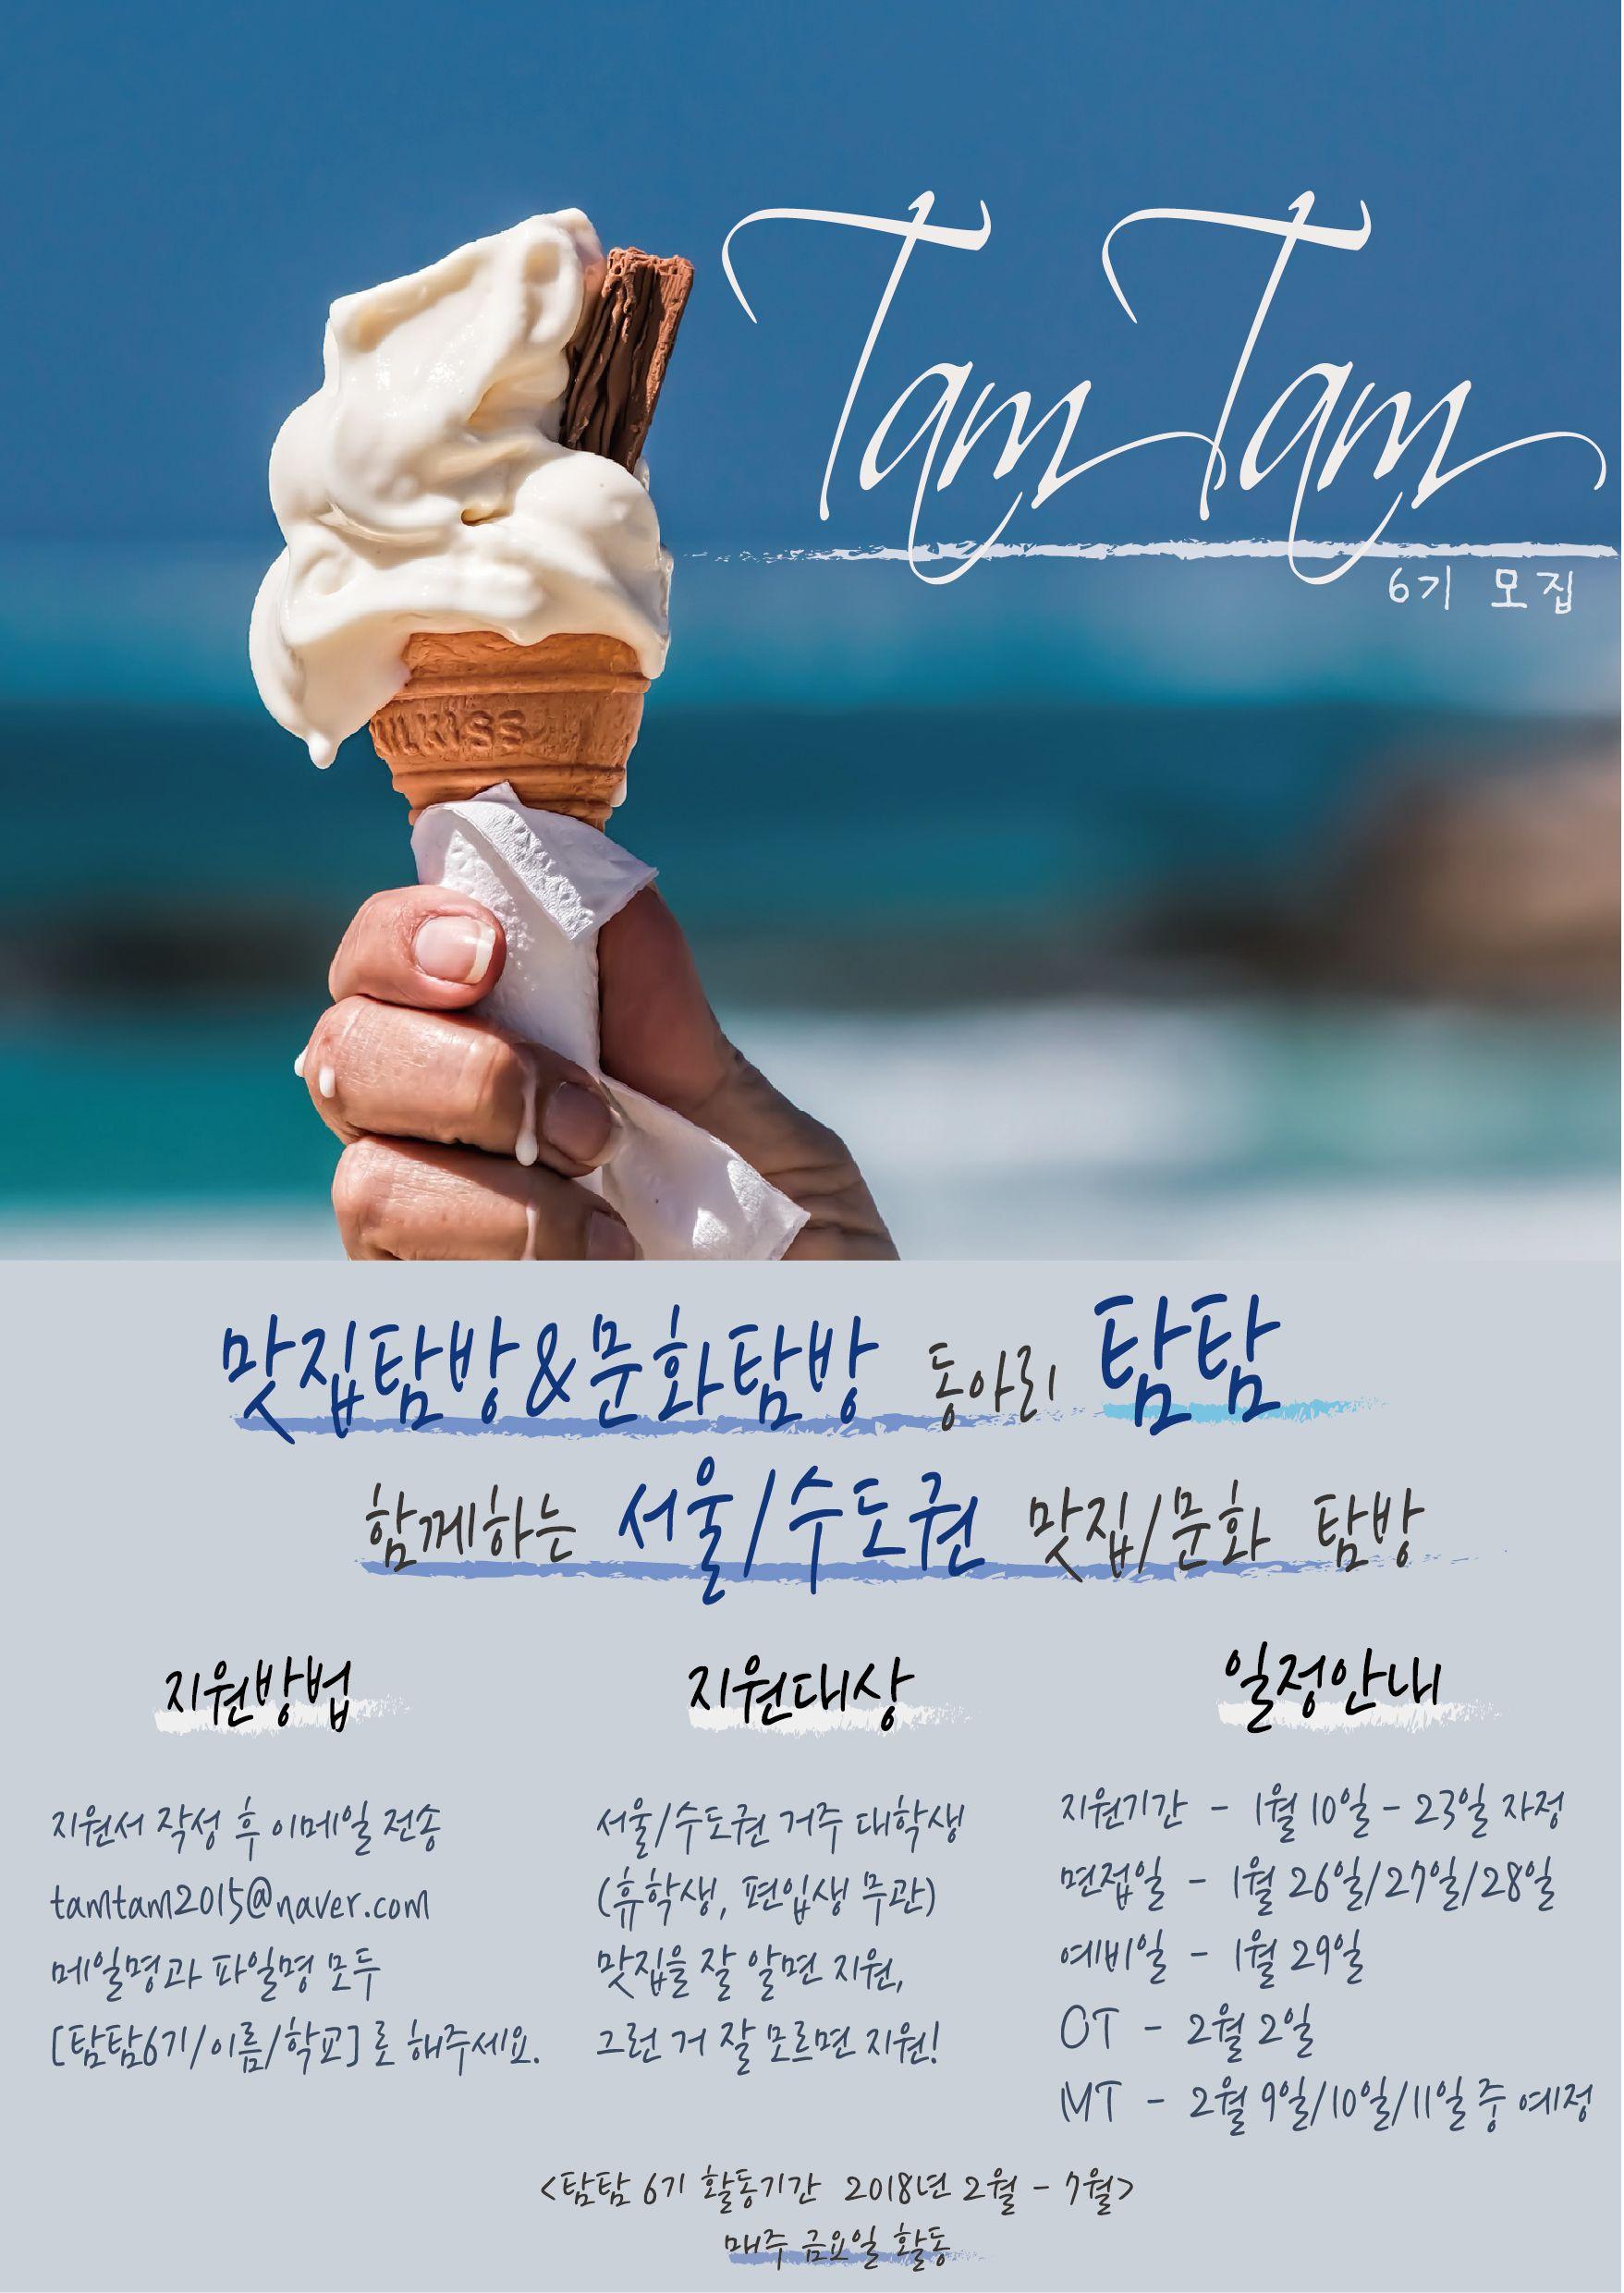 [맛집탐방동아리 탐탐] 동아리 부원 모집